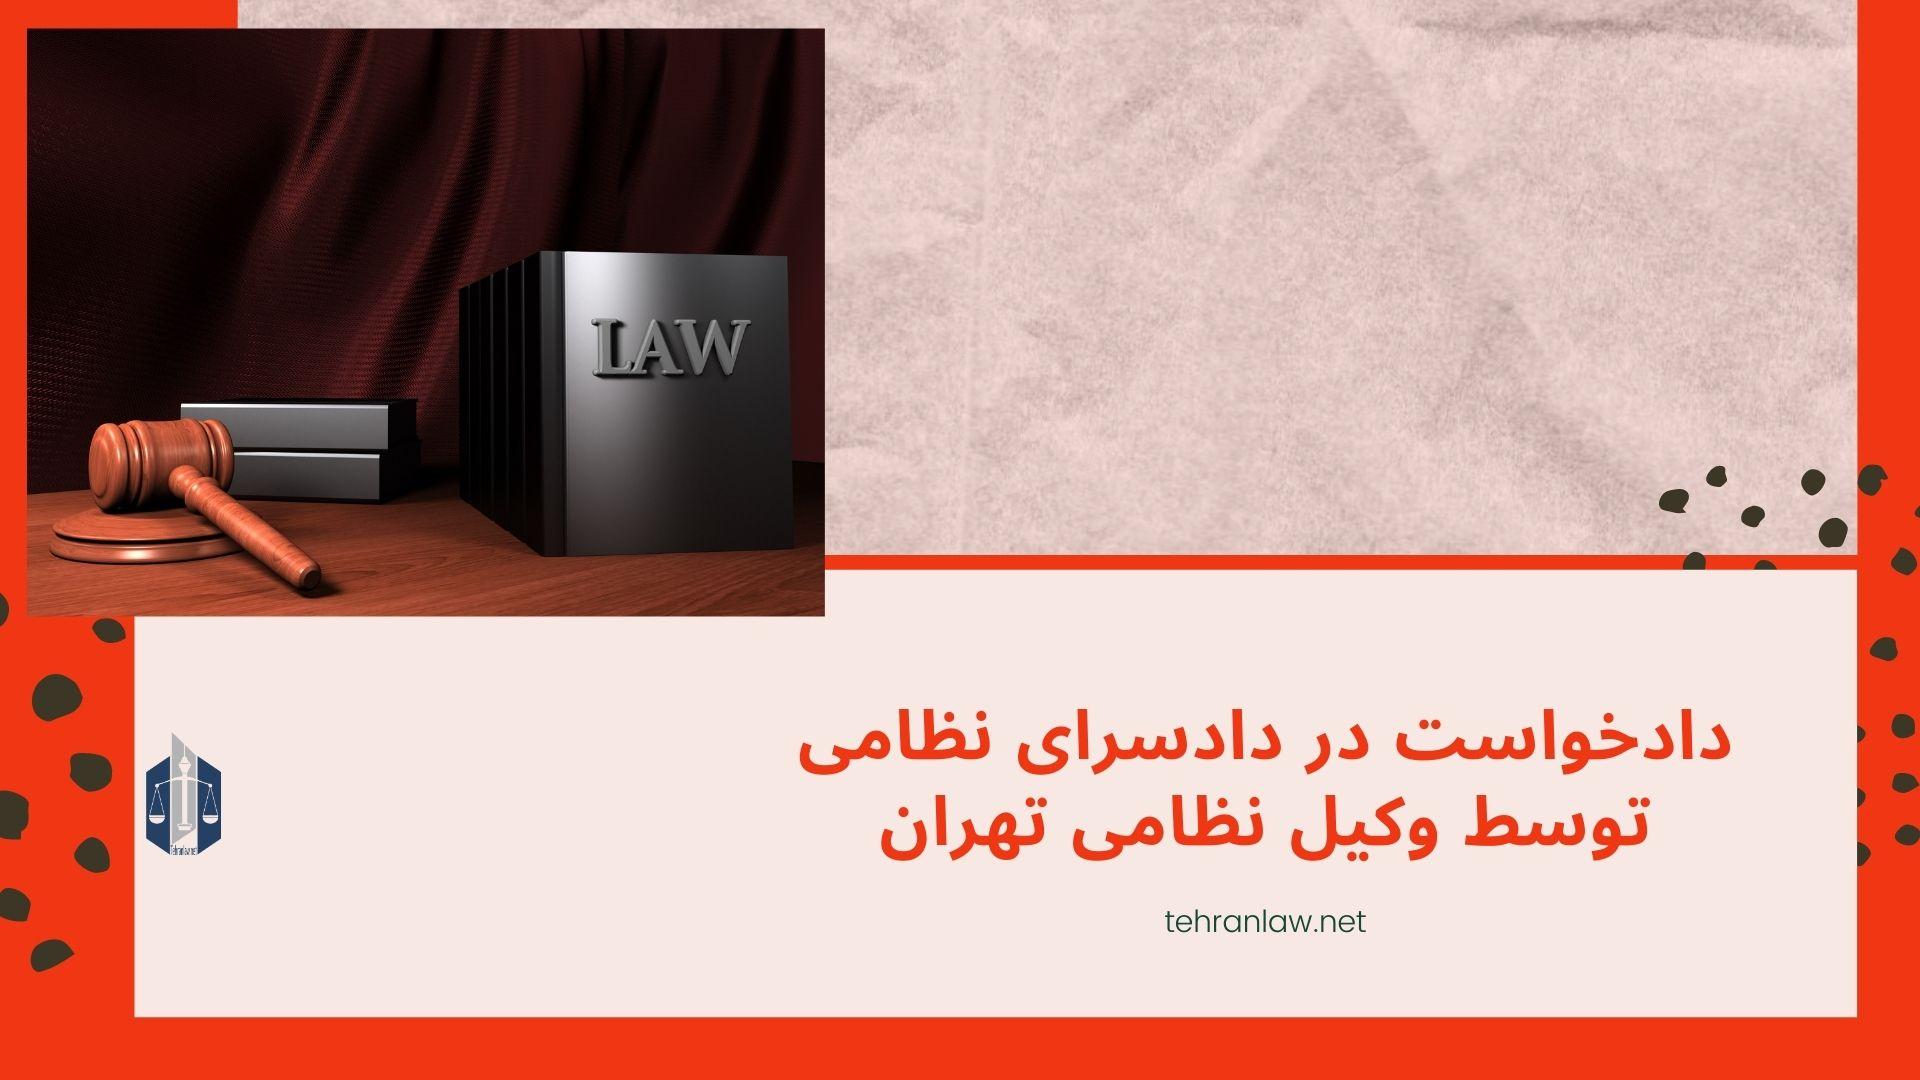 دادخواست در دادسرای نظامی توسط وکیل نظامی تهران